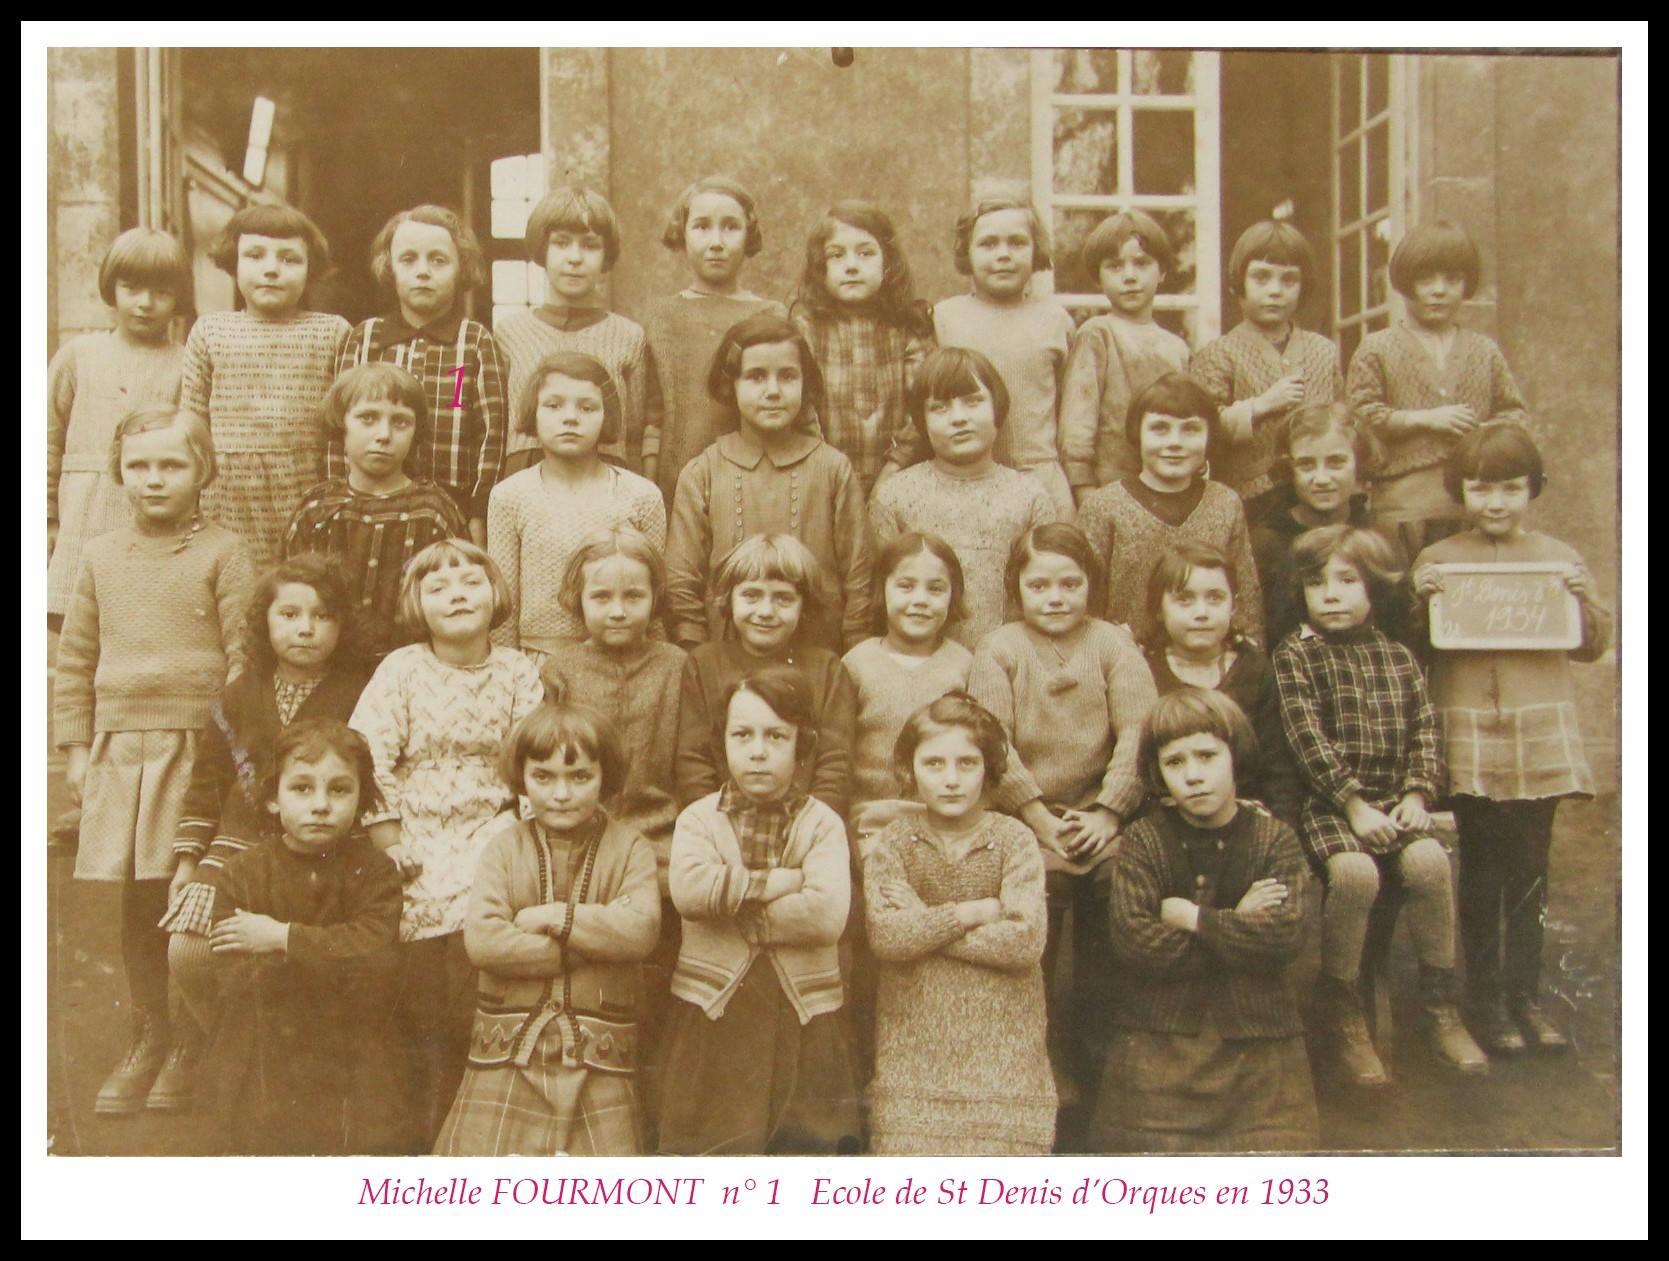 Saint Denis d'Orques - Groupes - Photos de classe - FOURMONT Michèle - 1933 (Sylvie Leveau)